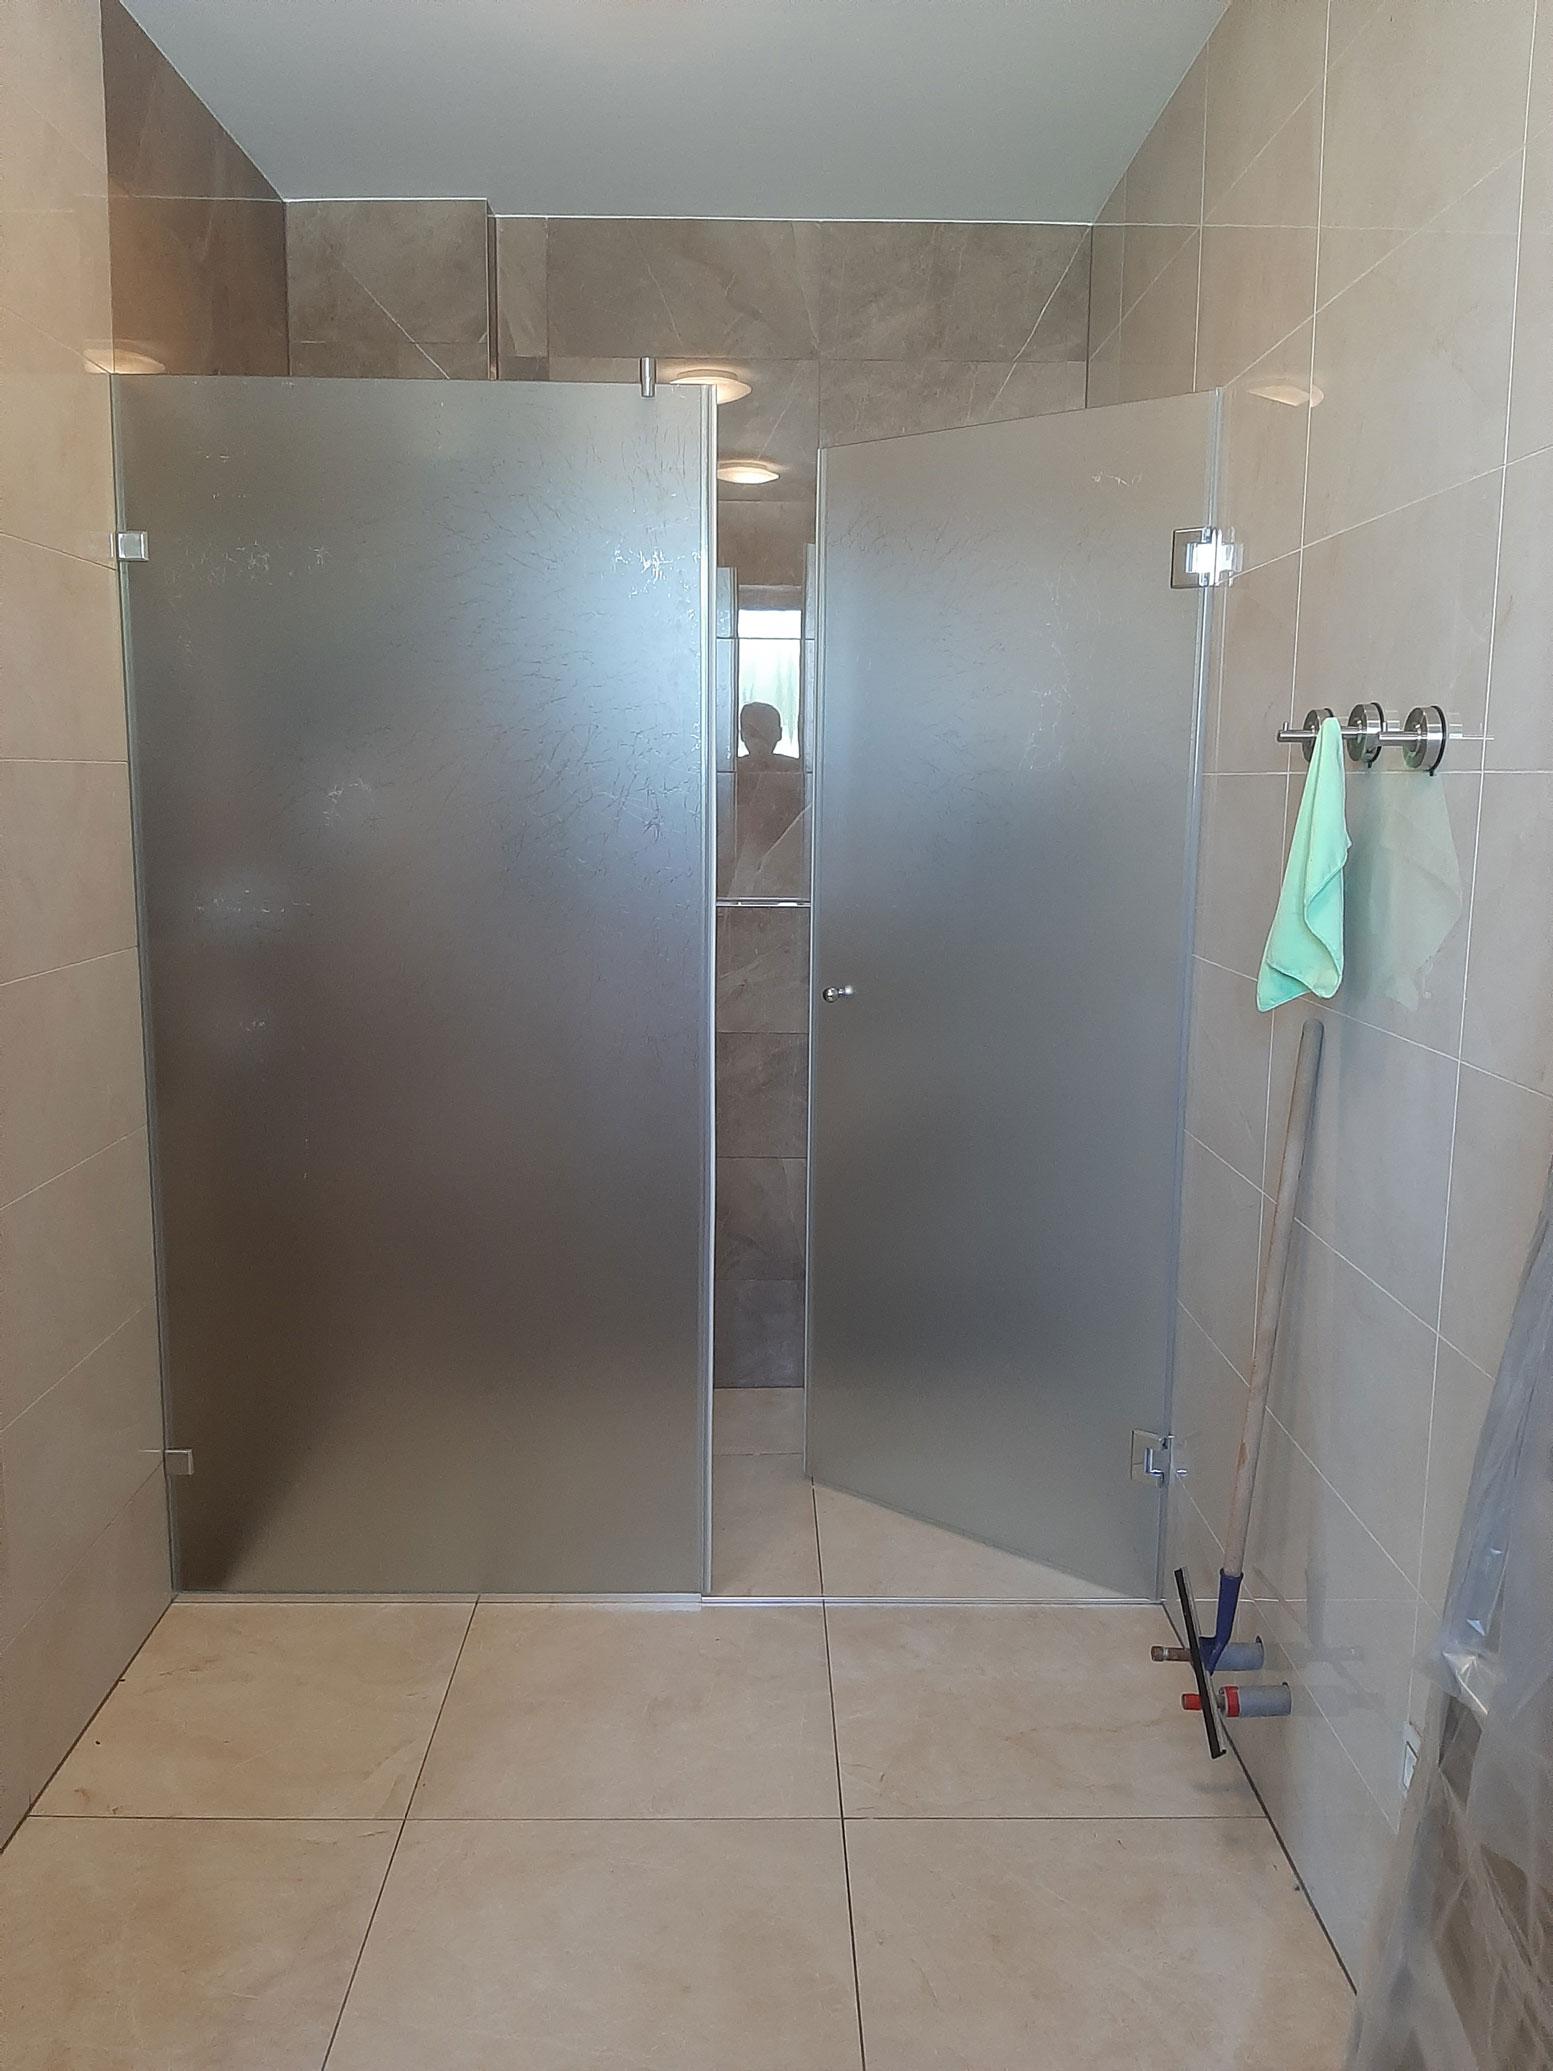 Sklenarstvi-Prerost-sprchove- kouty-a-sprchy (1)